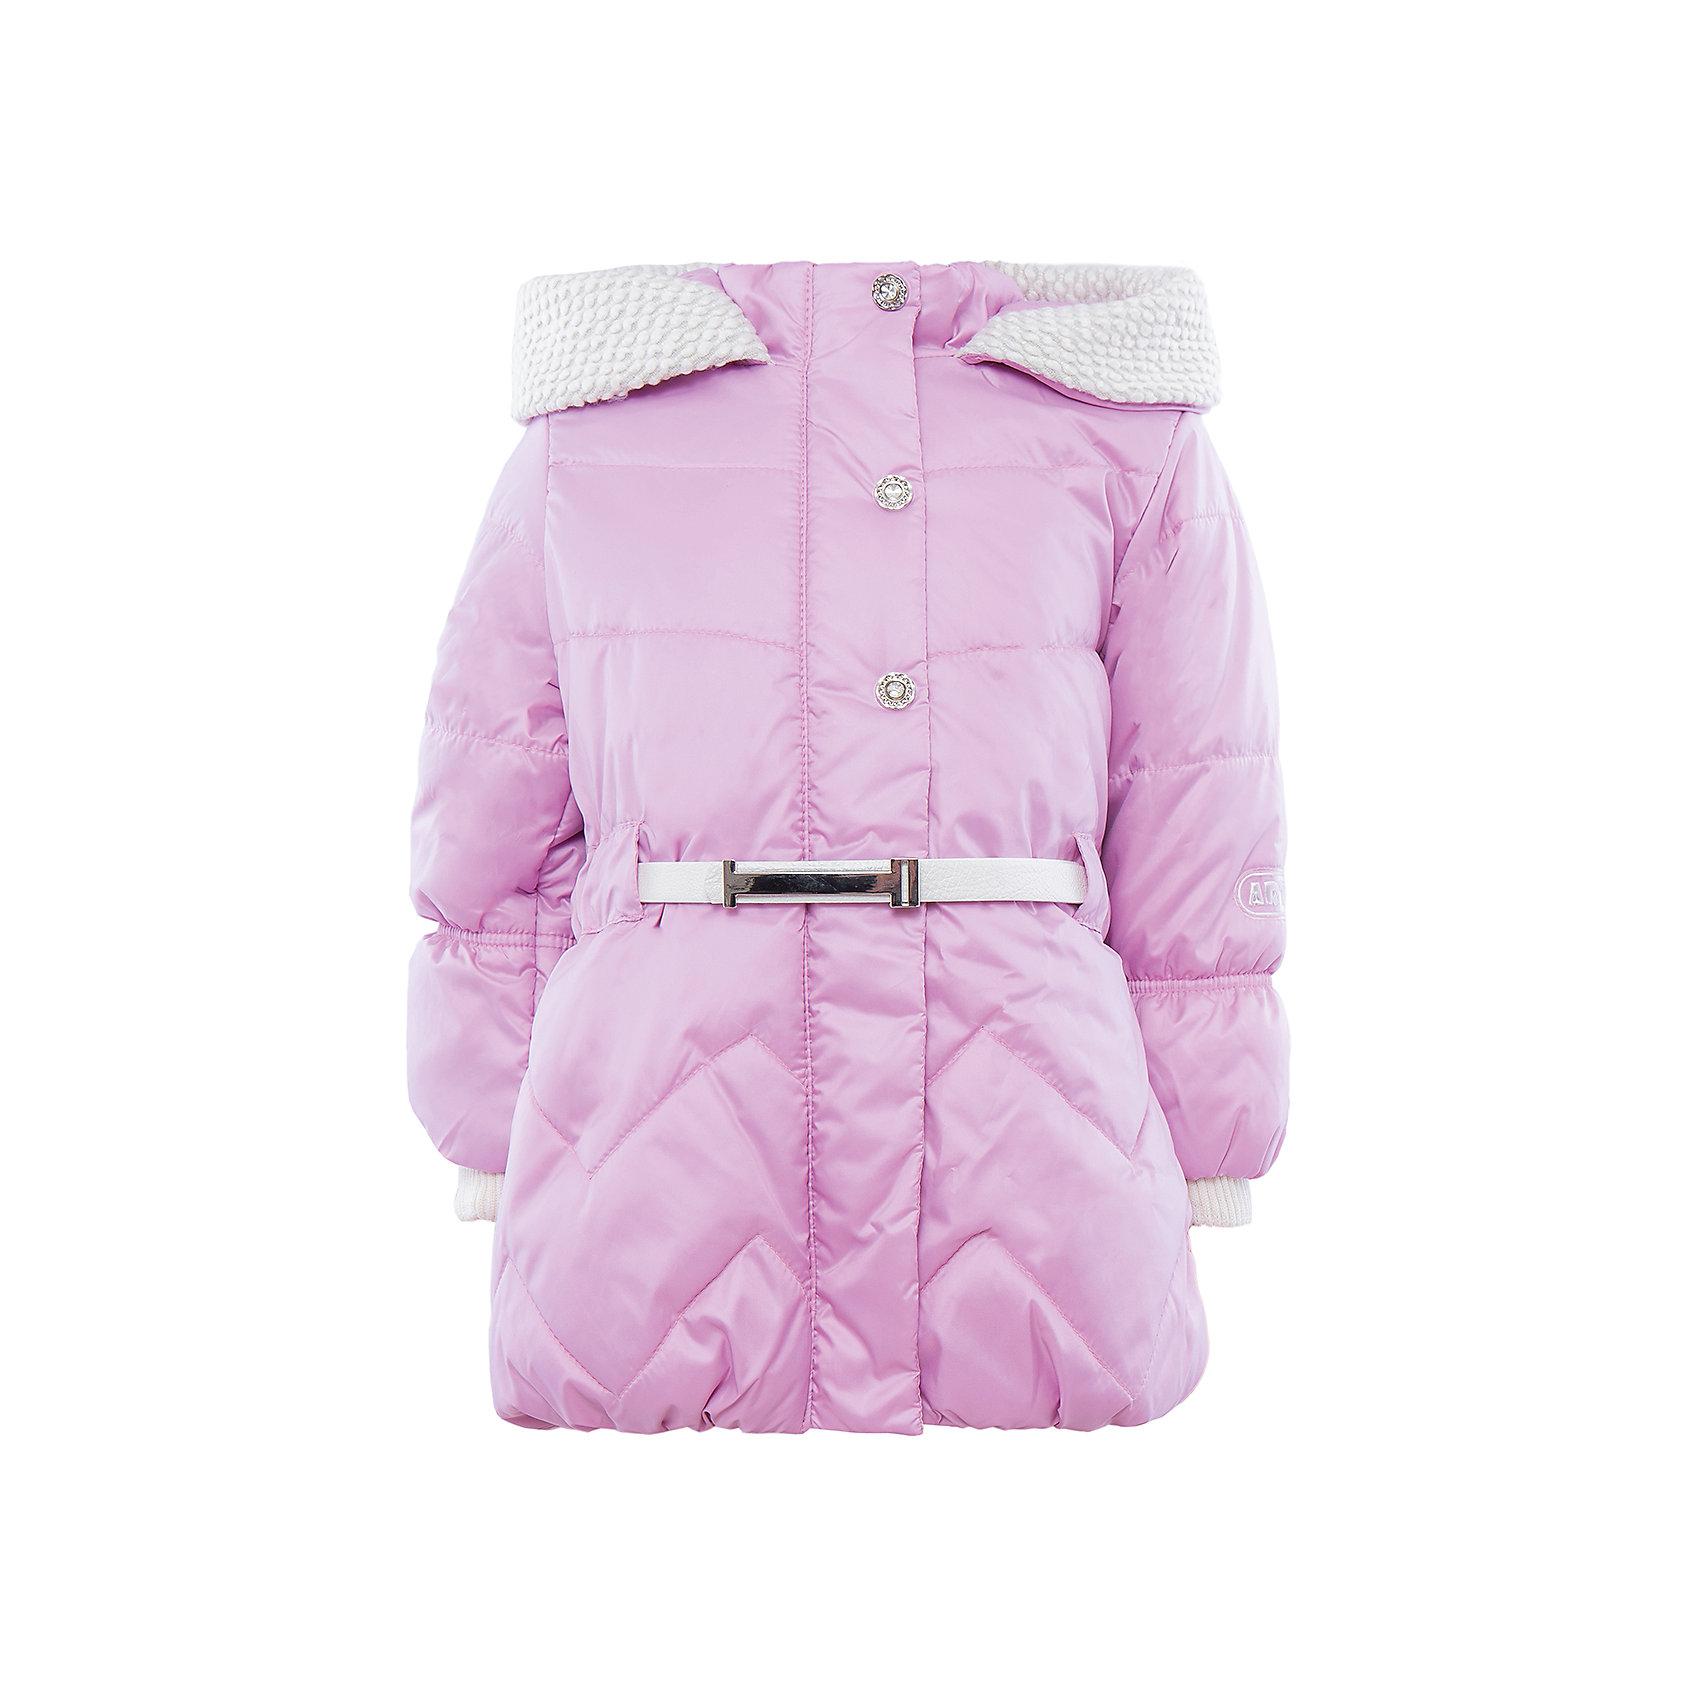 Куртка для девочки АртельКуртка для девочки от известного бренда Артель<br>Удлиненная куртка для девочки с втачным капюшоном, отделанным драпом зерно. По линии талии имеется регулируемый пояс, который позволяет подогнать куртку по фигуре. Центральная застежка на молнию прикрыта ветрозащитной планкой. Трикотажные манжеты на рукавах и резинка по низу изделия - обеспечивают защиту от ветра. <br>Состав:<br>Верх: YSD 819<br>Подкладка: интерлок<br>Утеплитель: термофайбер 200гр<br><br>Ширина мм: 356<br>Глубина мм: 10<br>Высота мм: 245<br>Вес г: 519<br>Цвет: светло-розовый<br>Возраст от месяцев: 12<br>Возраст до месяцев: 15<br>Пол: Женский<br>Возраст: Детский<br>Размер: 80,98,92,86<br>SKU: 4963616